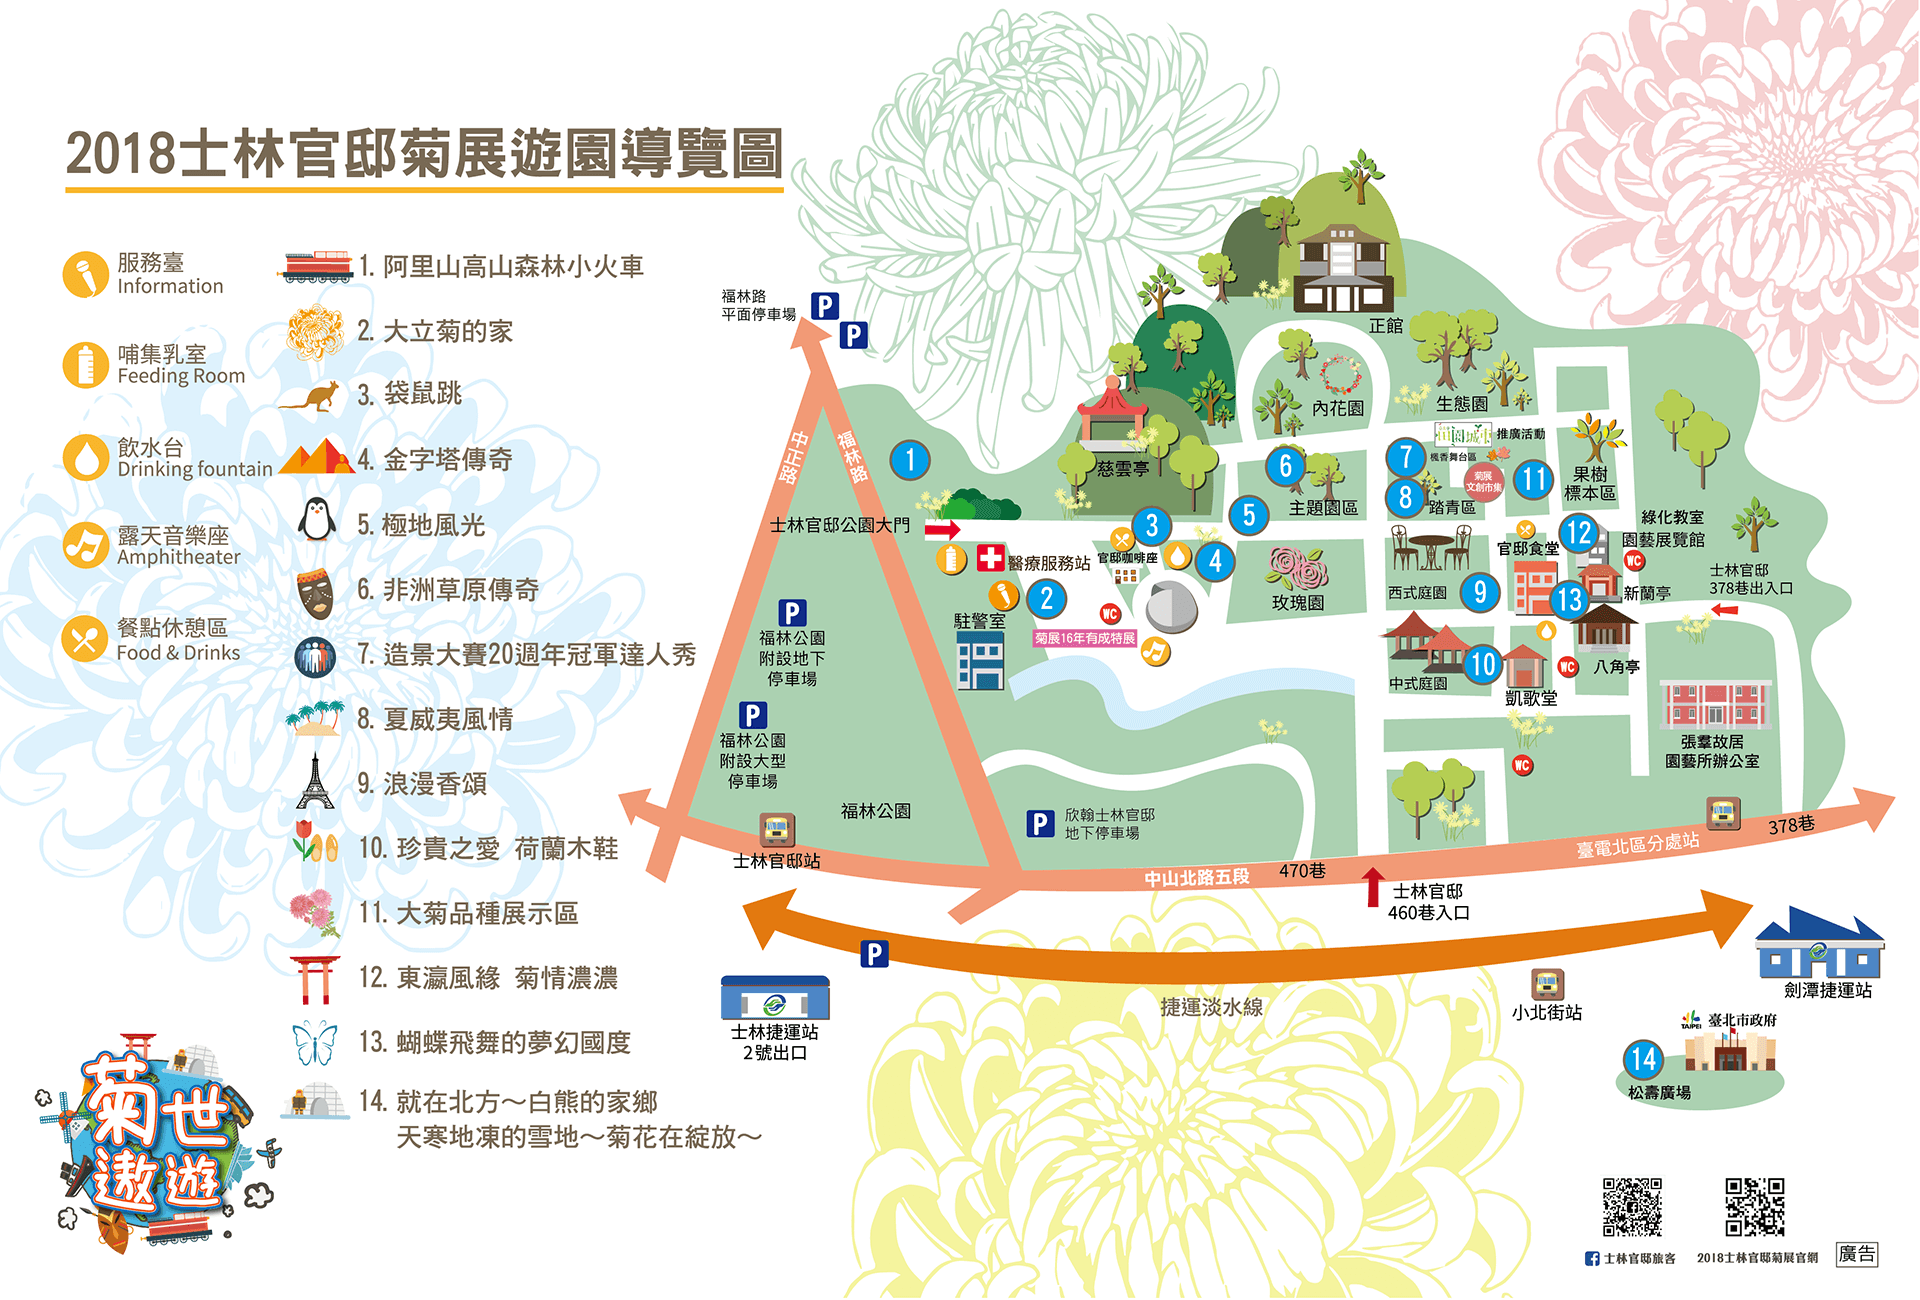 台北景點推薦2018士林官邸菊展【菊世遨遊】怎麼去